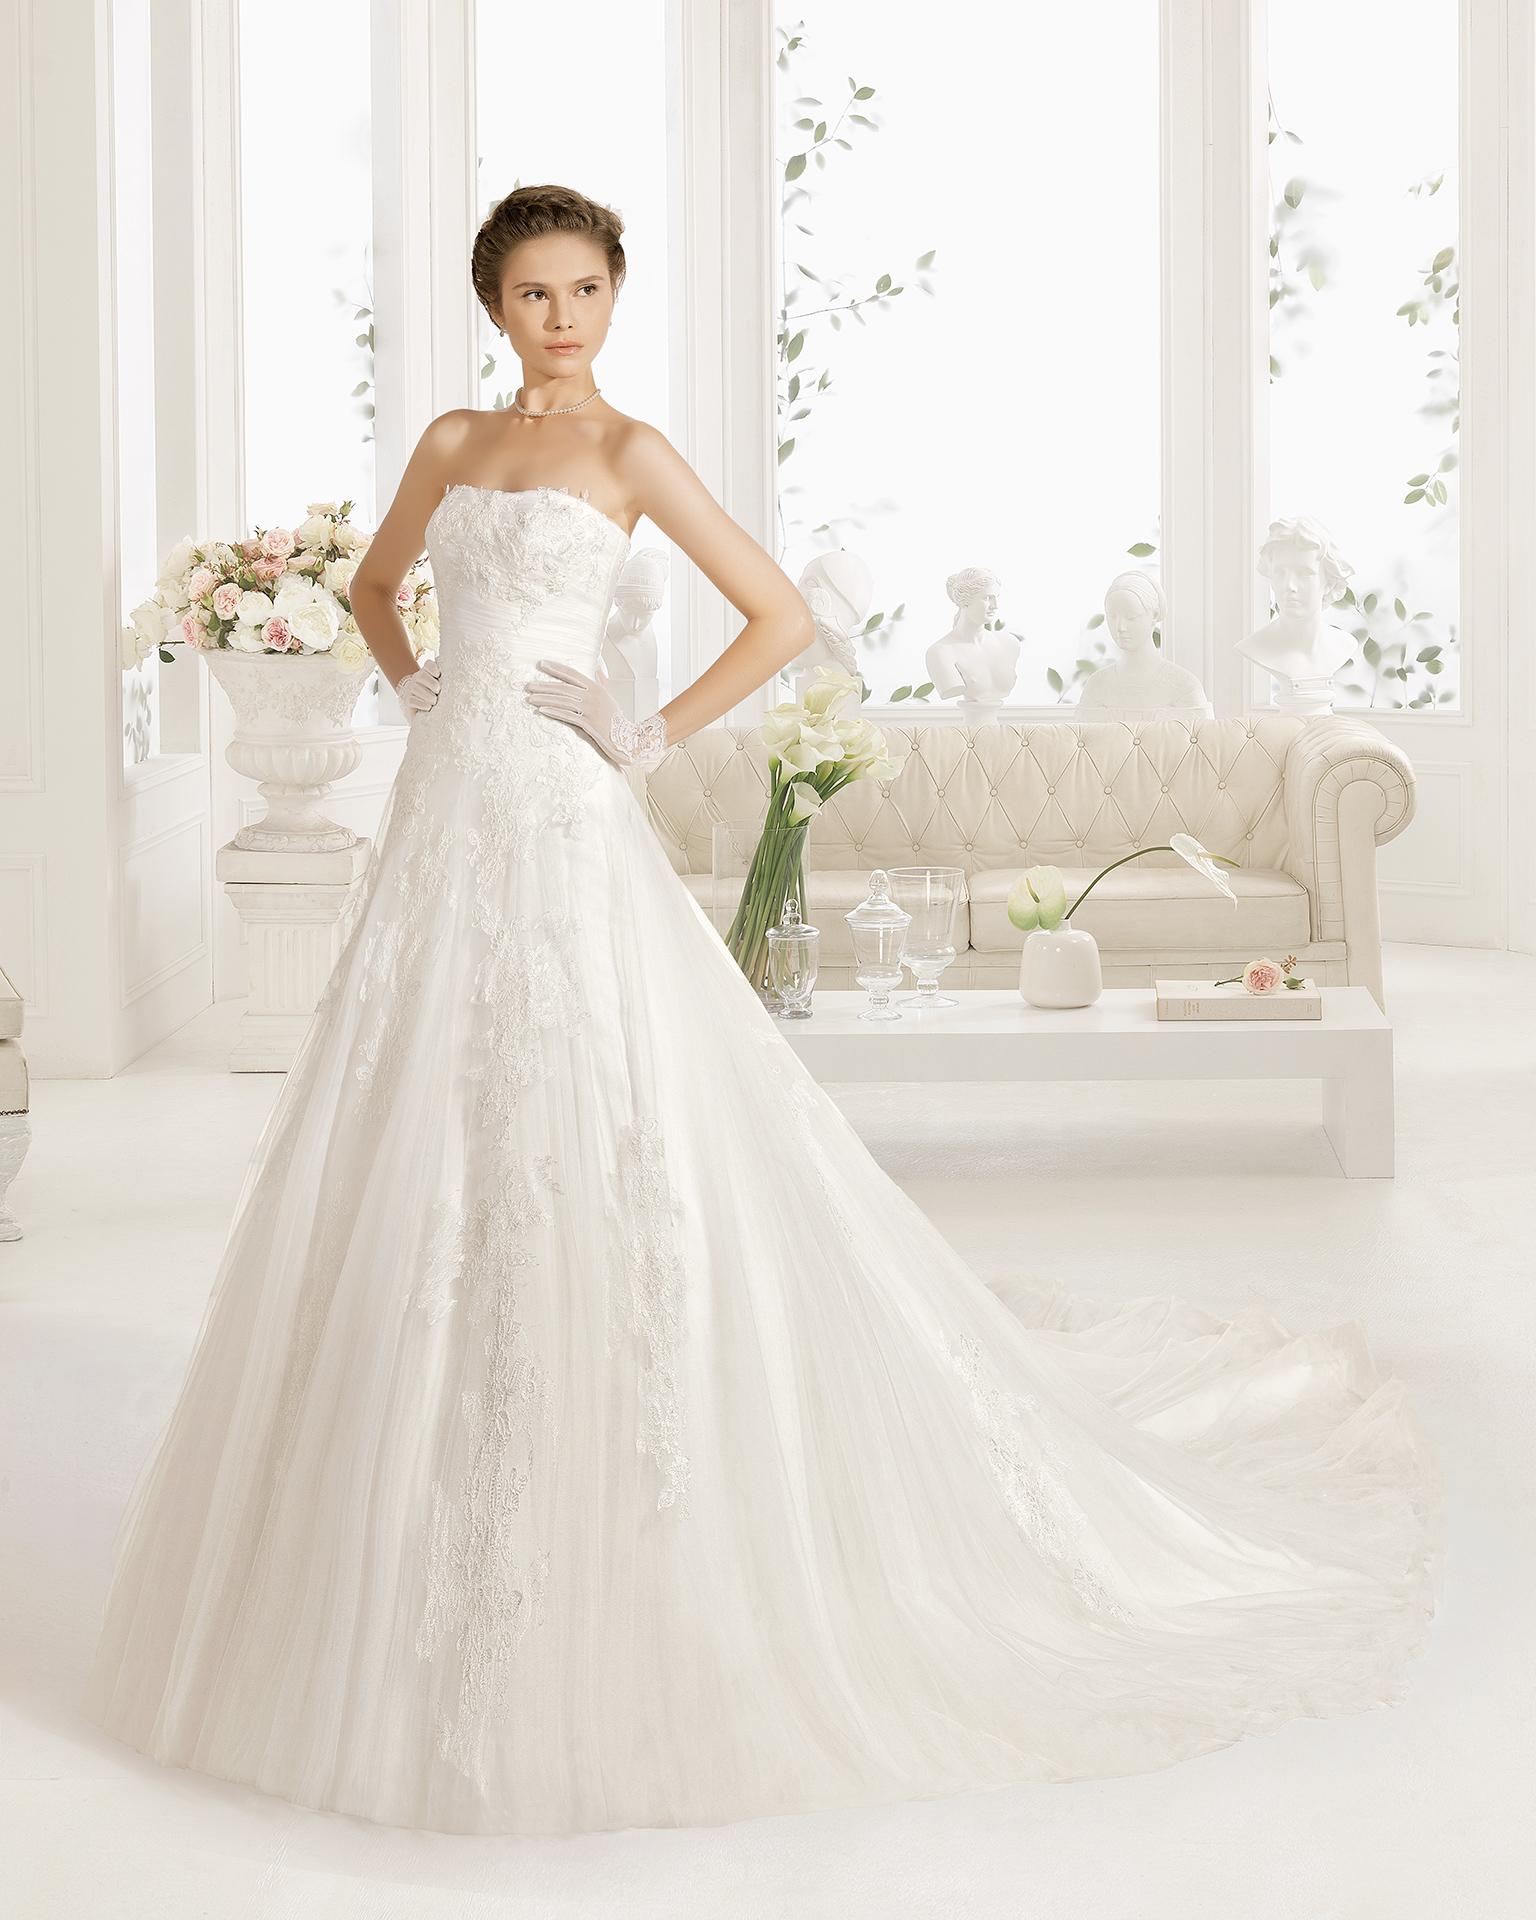 1d2985d77 Vestido novia princesa de encaje y tul con escote palabra de honor